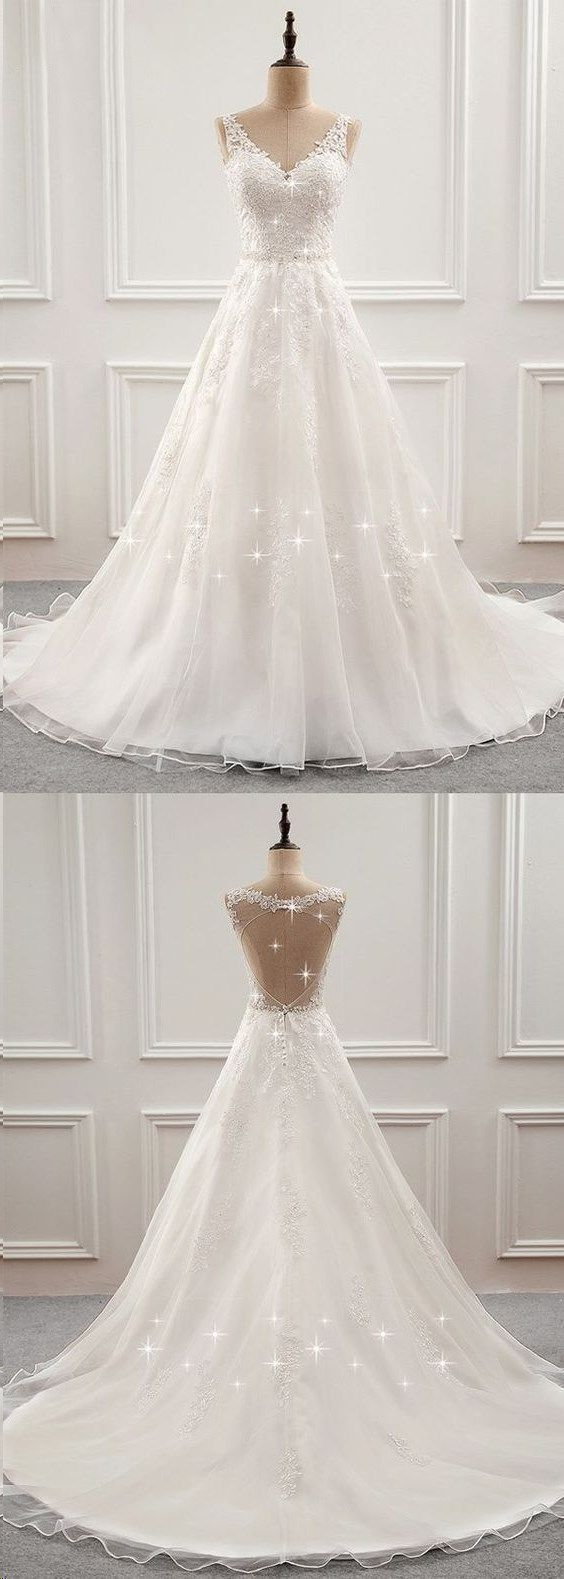 Open Back Wedding Dresses Long Train Romantic Appliques Simple Bridal Gown